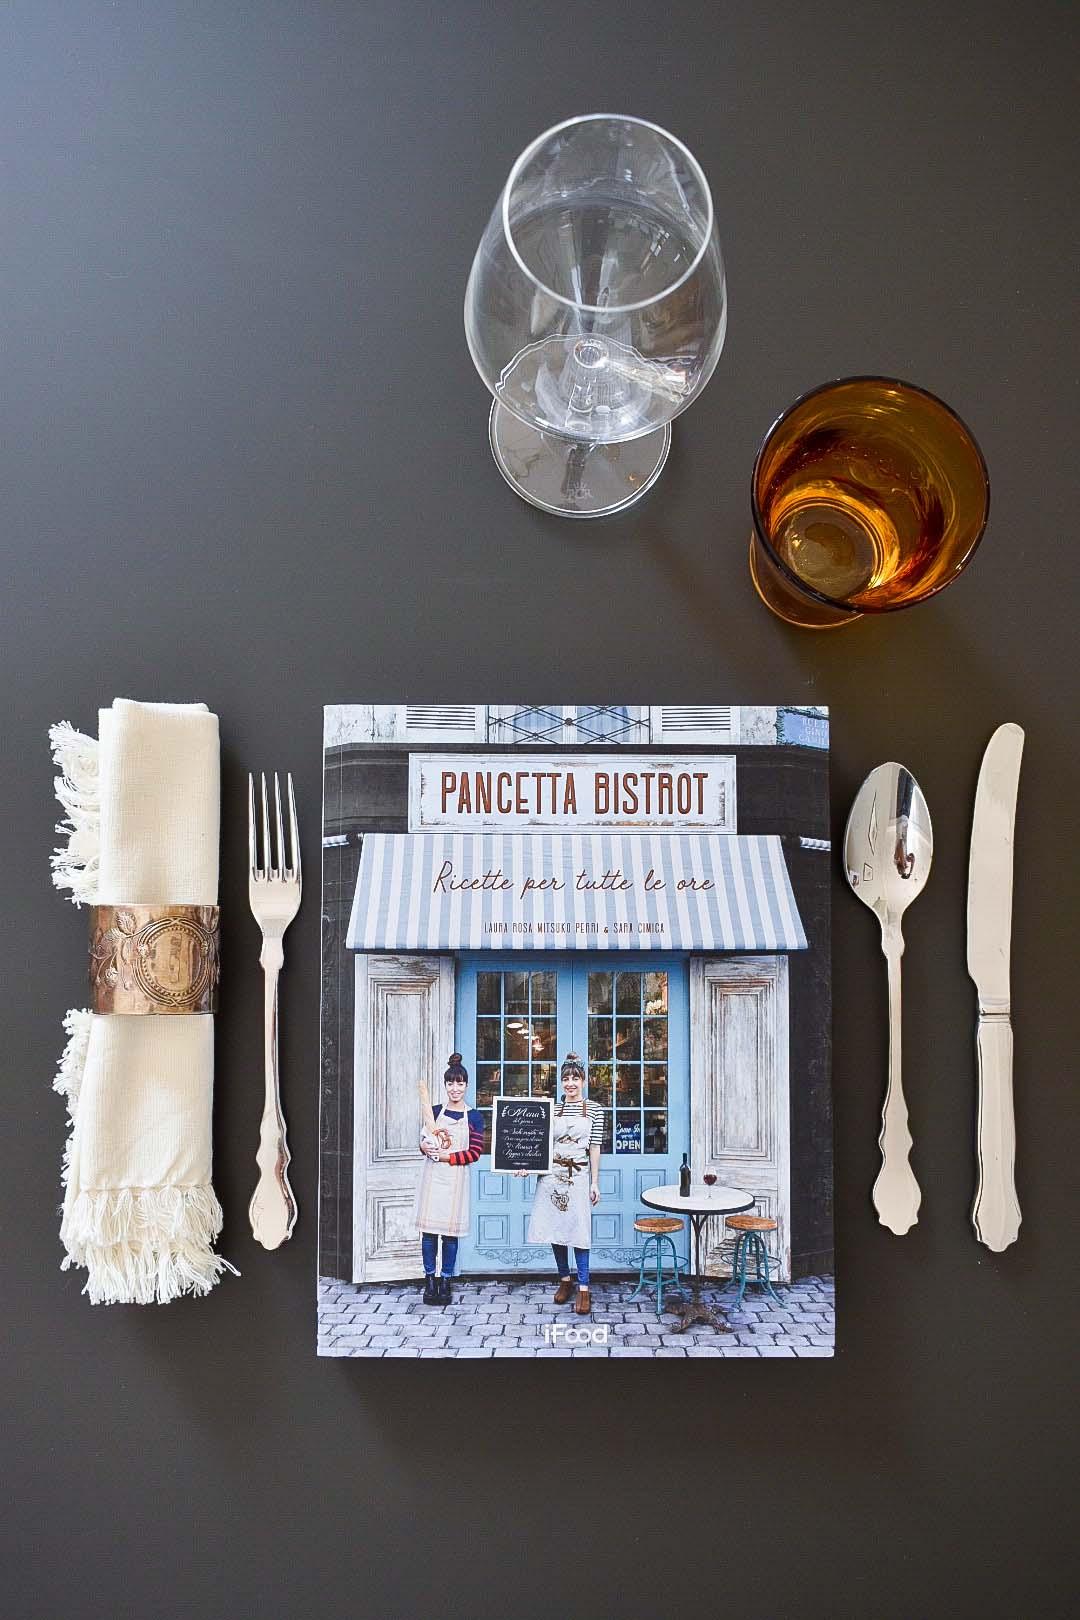 pancetta-bistrot